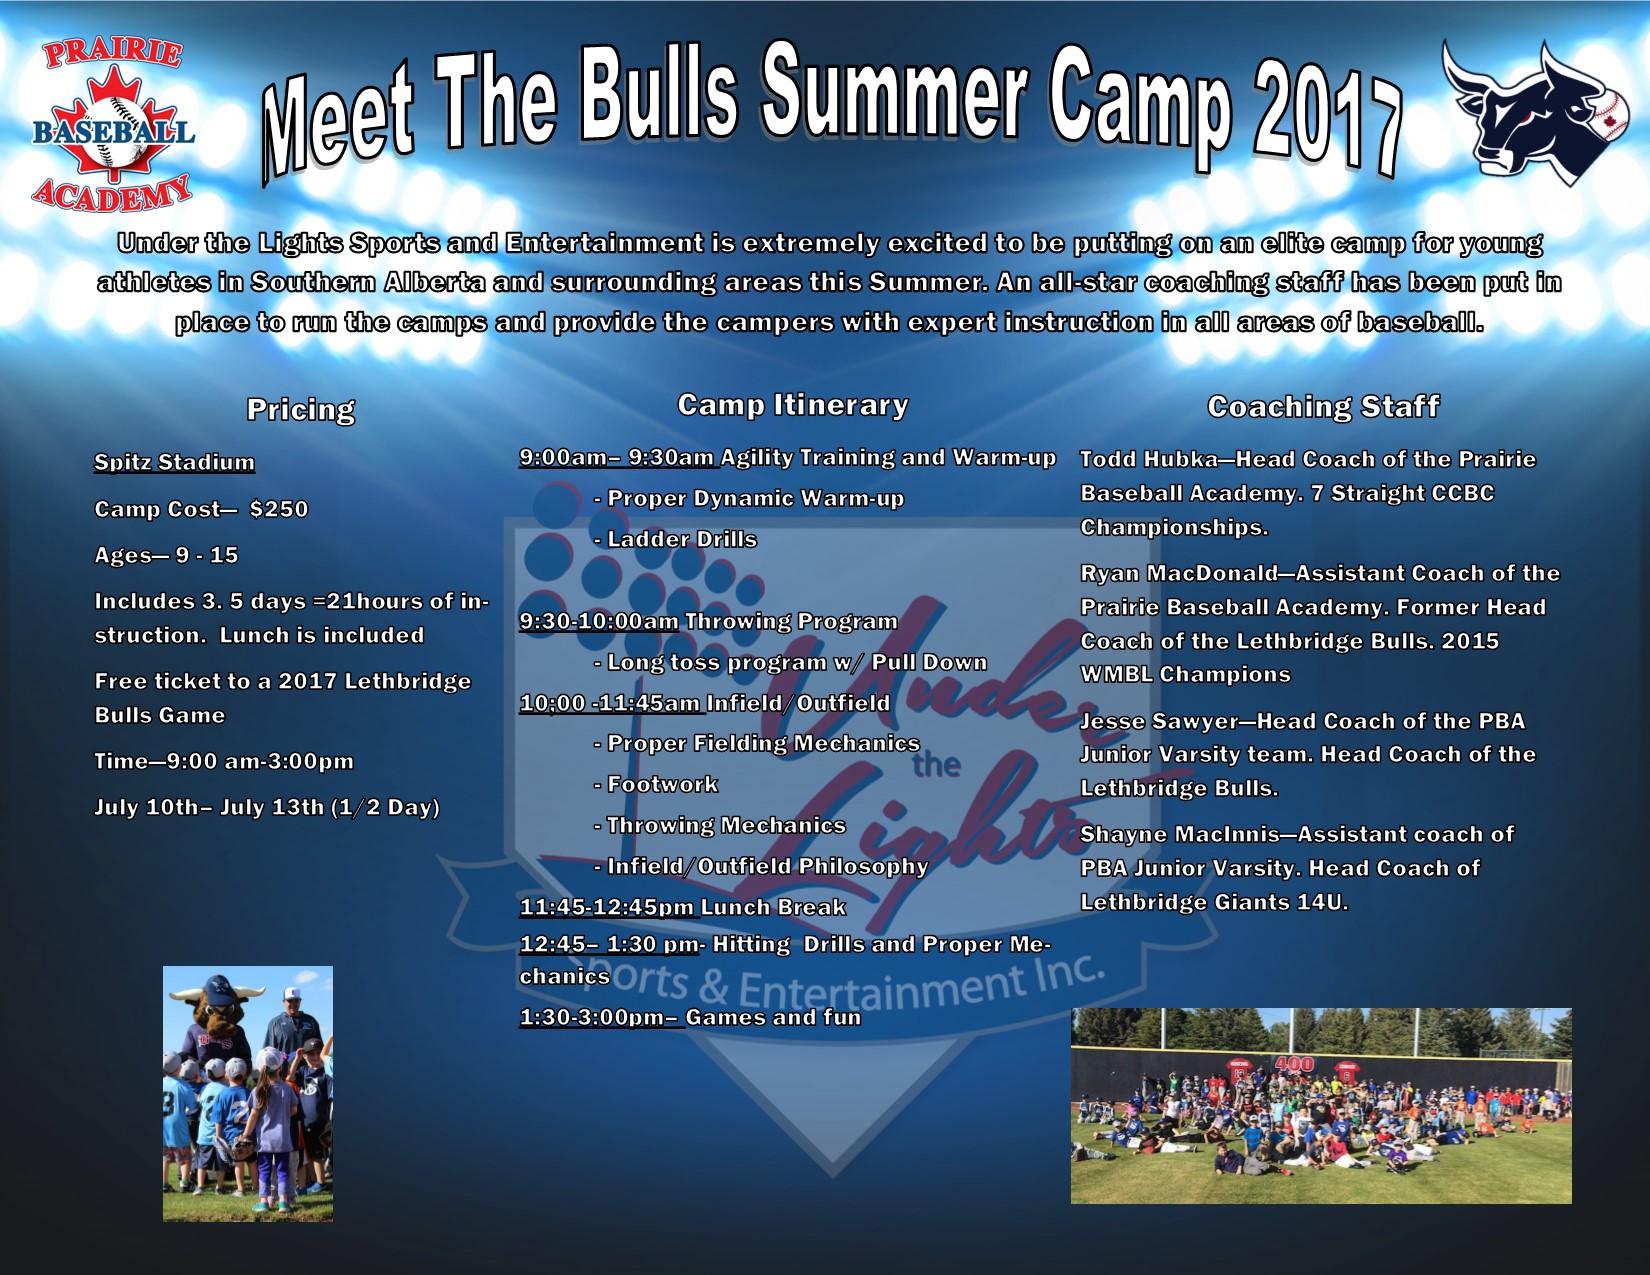 2017_Meet_the_Bulls_camp_flyer.jpg